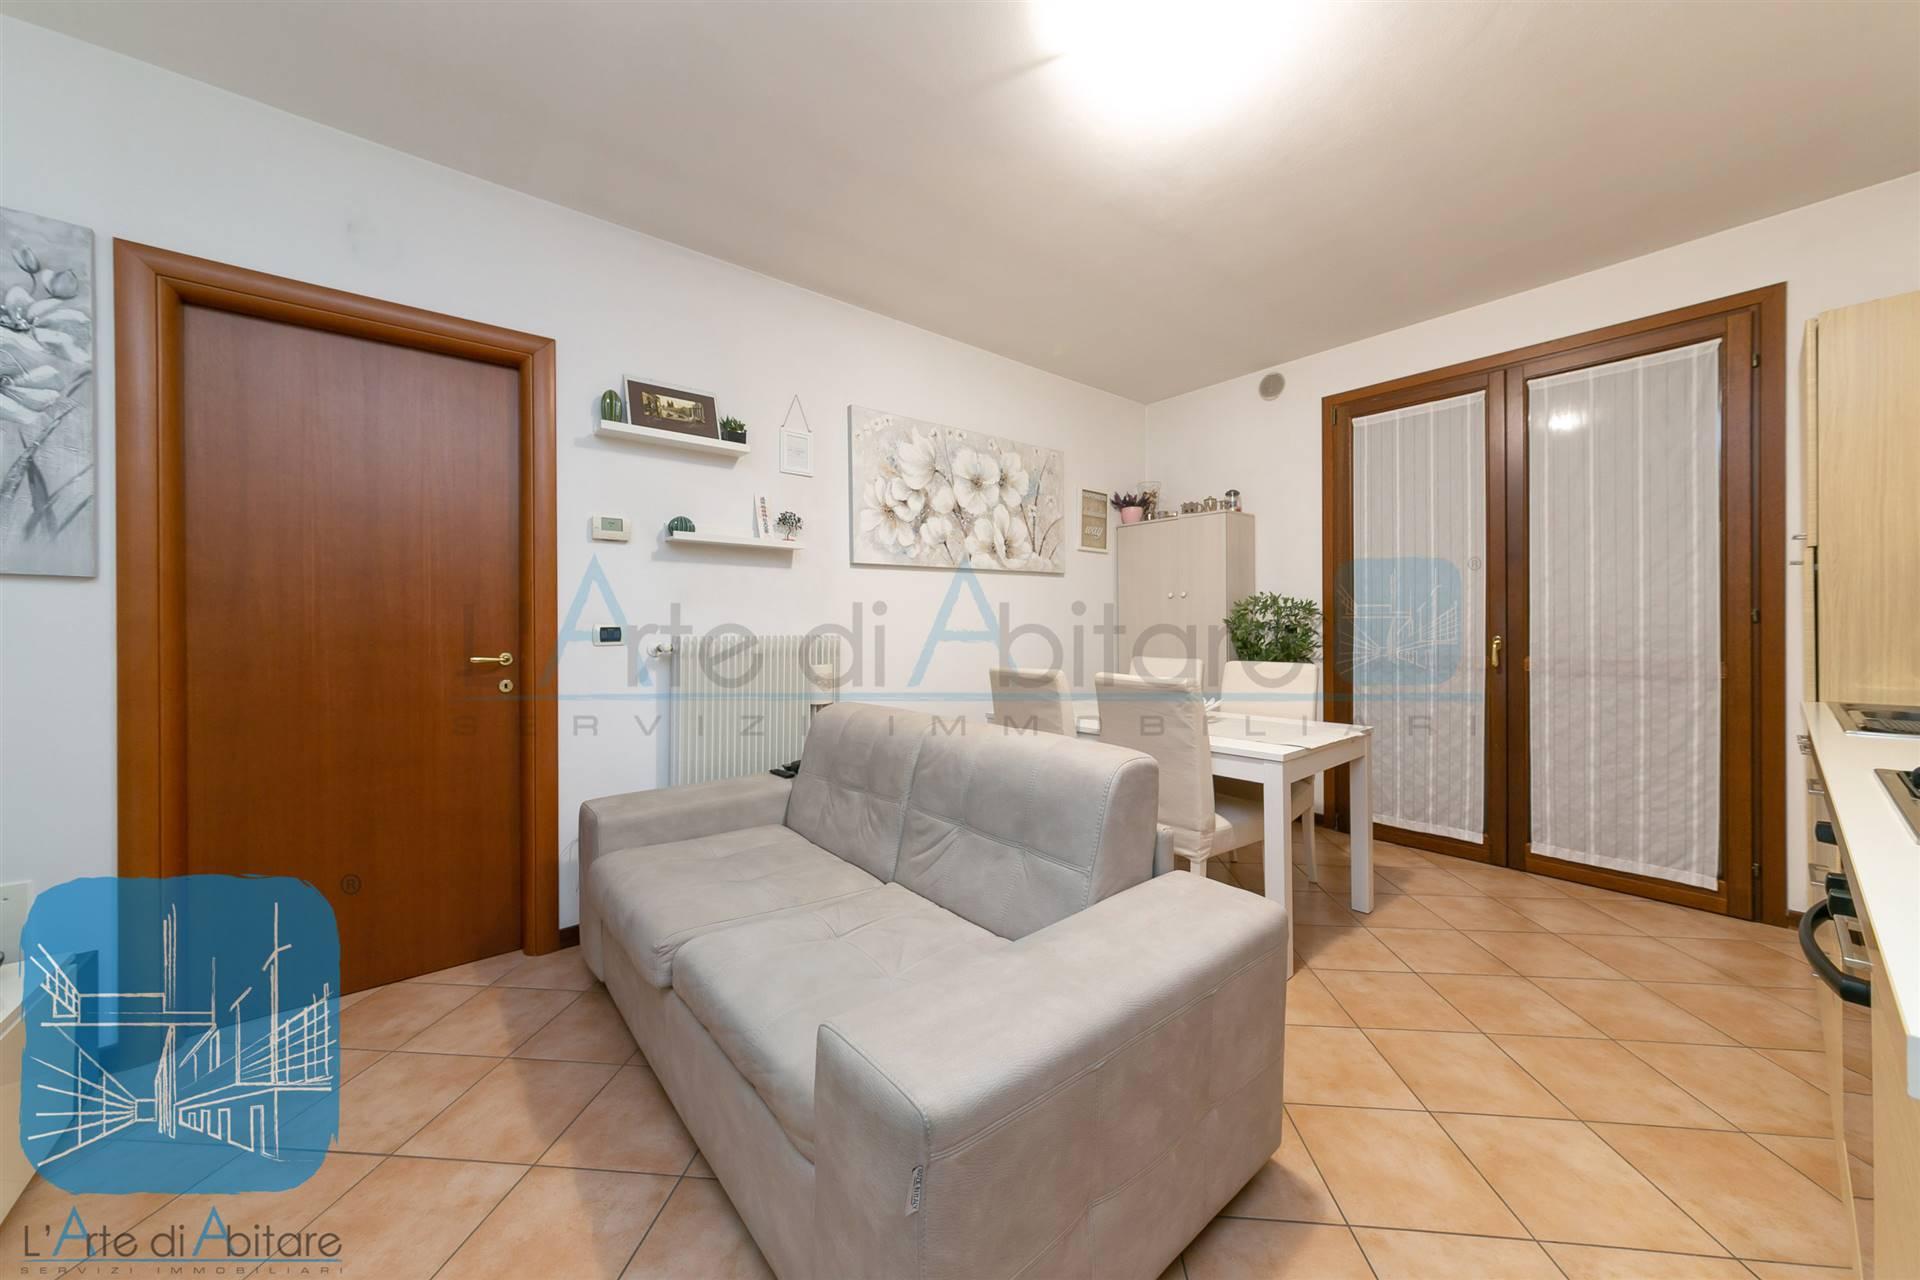 Appartamento in vendita a Marcon, 3 locali, prezzo € 65.000 | PortaleAgenzieImmobiliari.it